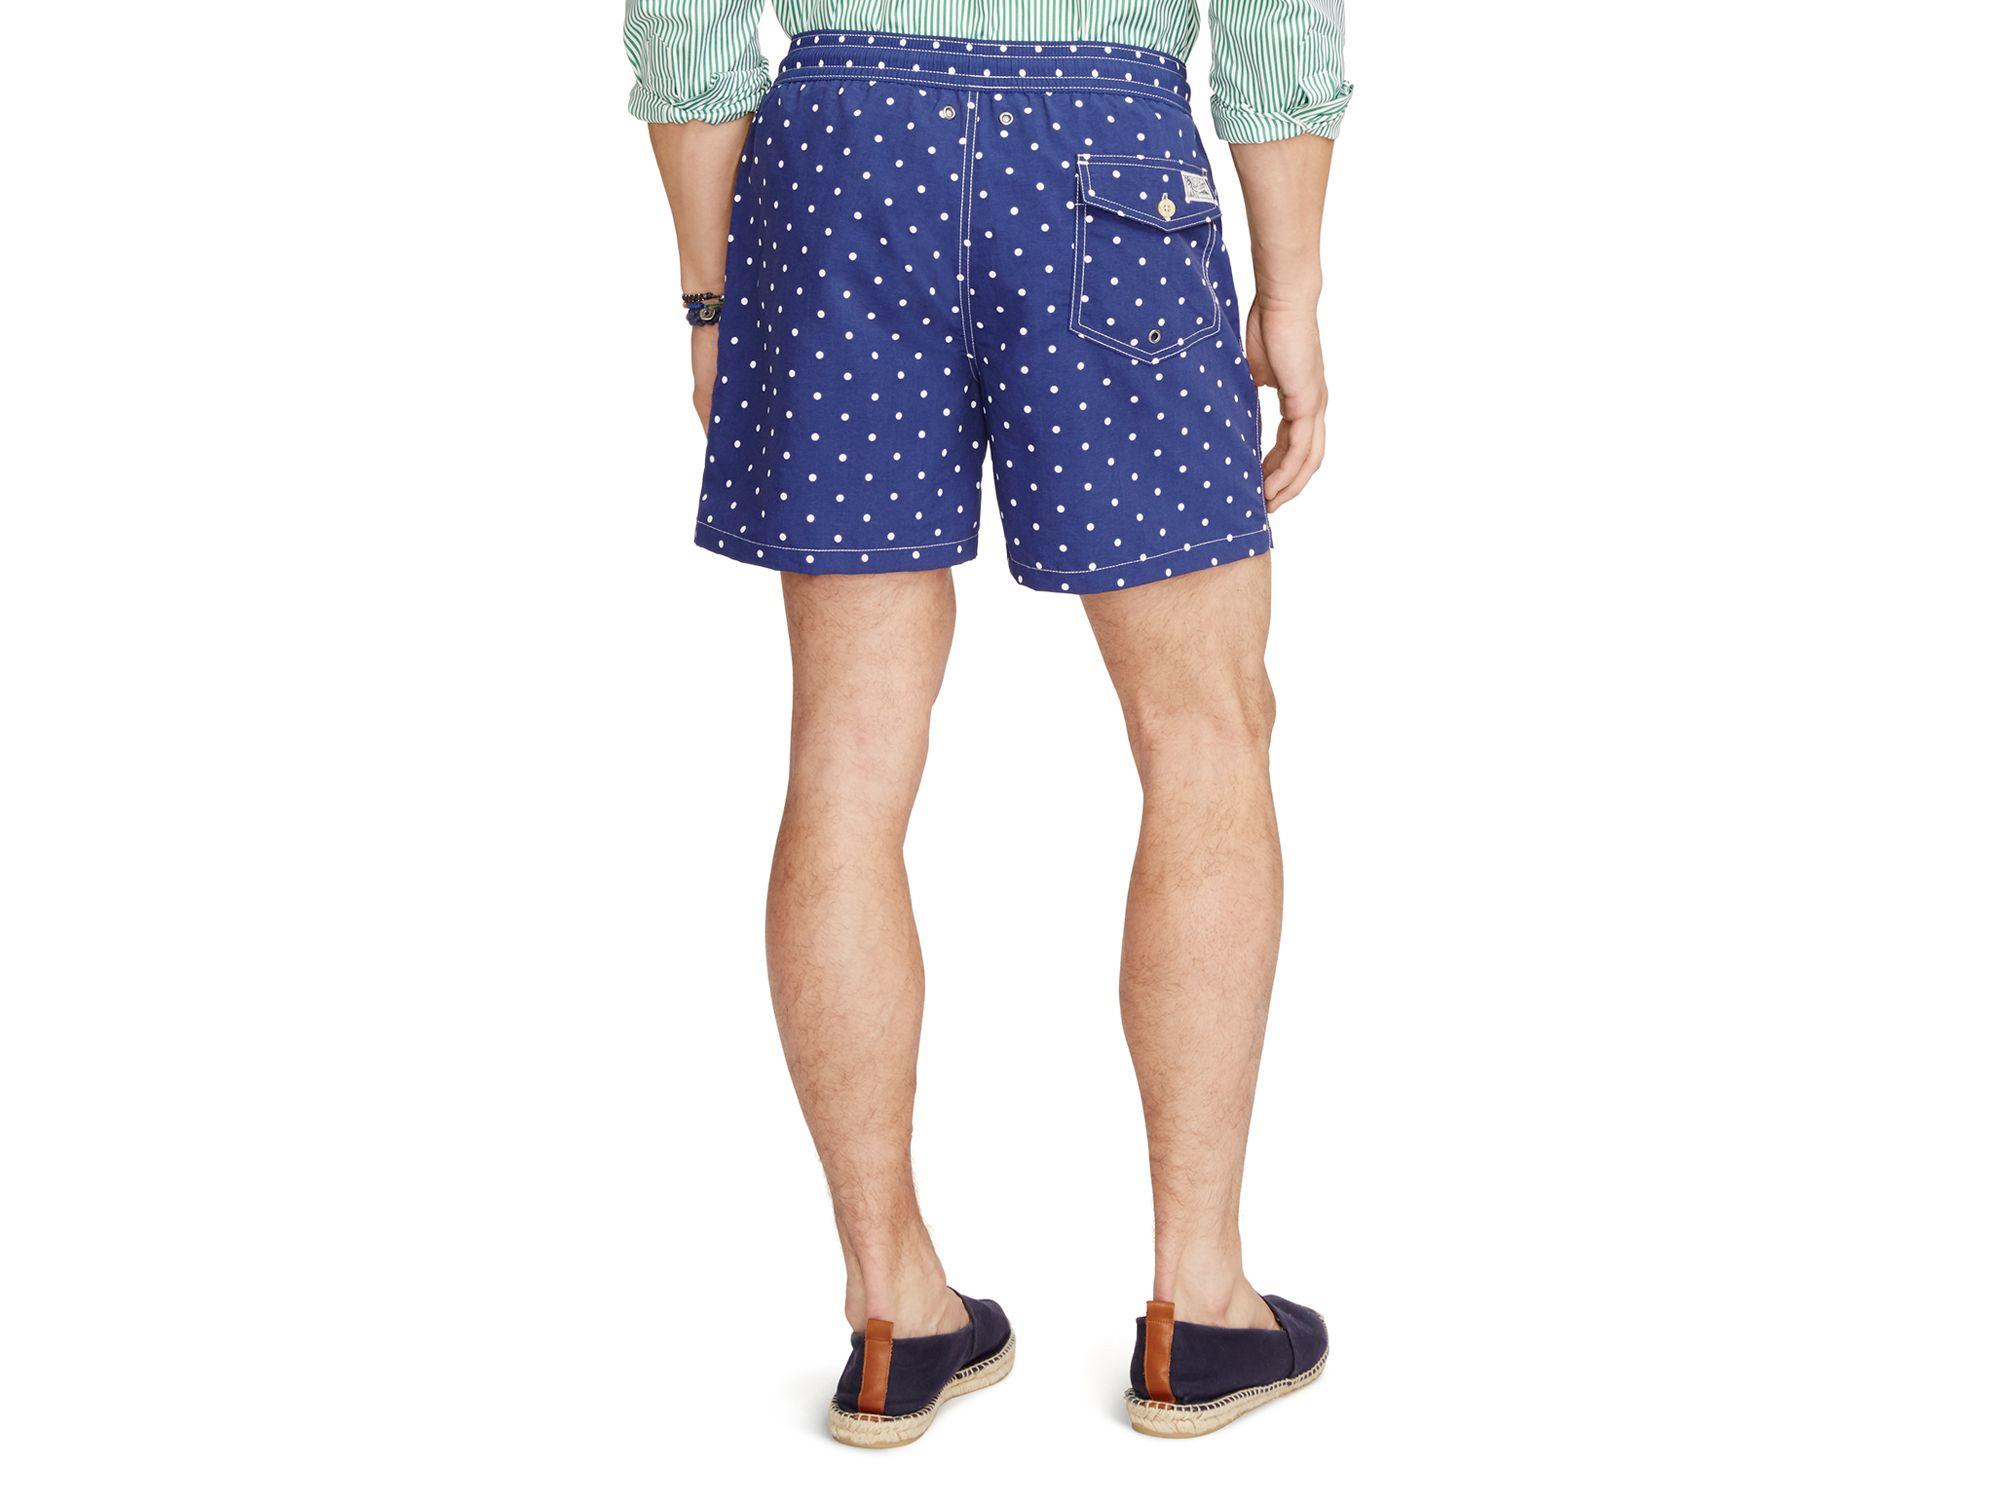 b06b74ab63 Ralph Lauren Polo Polka Dot Traveler Swim Shorts in Gray for Men - Lyst